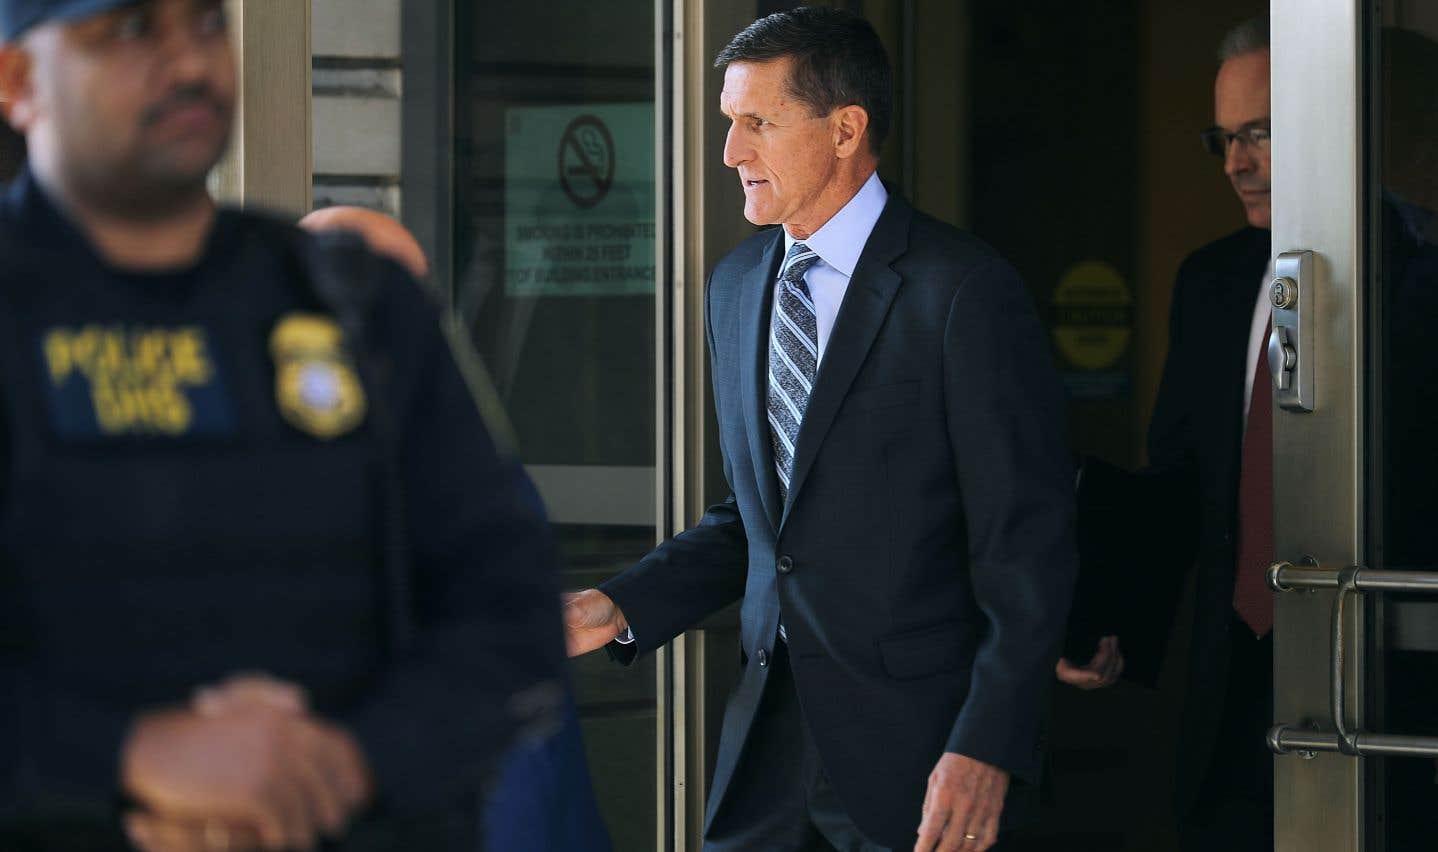 Présenté à un juge devant une cour fédérale à Washington, Michael Flynn a reconnu avoir menti au FBI.